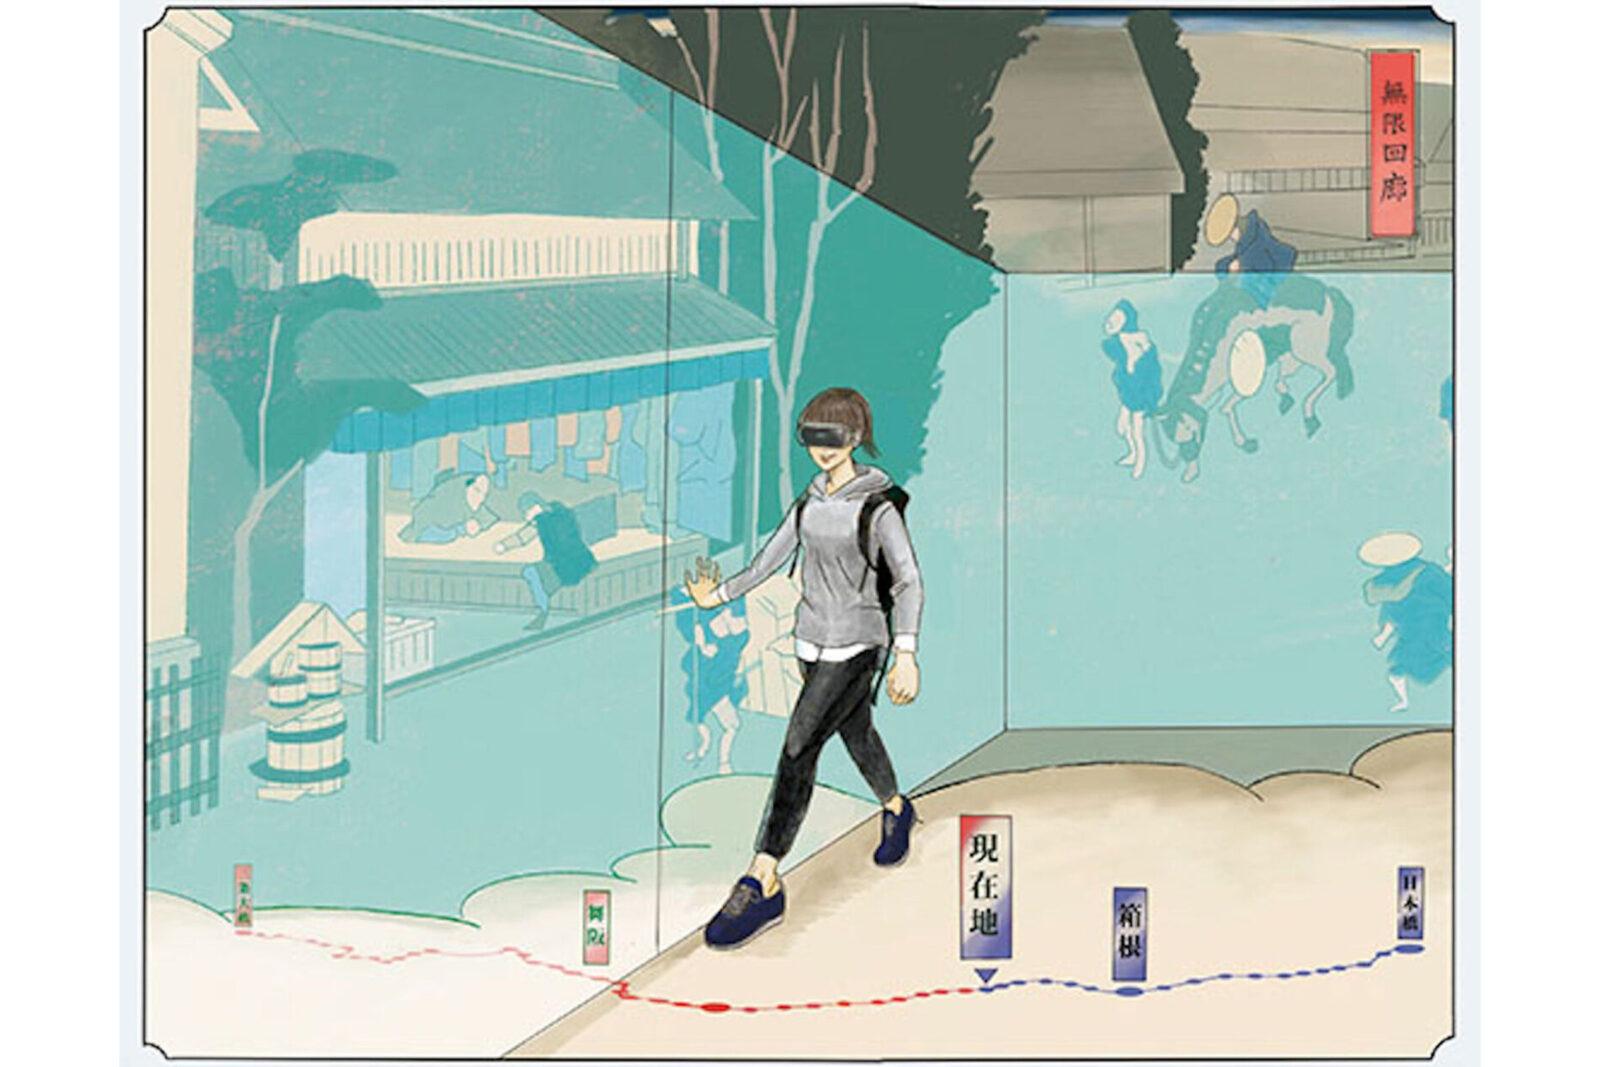 知財 VR無限回廊→妄想 東海道五十三次・超長距離散歩江戸の景色をタイムスリップ気分で。VRゴーグルを装着し、江戸の町を再現した映像の中をぶらり。錯覚効果を利用したVRシステム「VR無限回廊」を使えば、狭いスペースを周回しているだけなのに、真っすぐ歩いているような疑似体験ができる。この技術を応用すると、かつて旅人が約2週間かけて歩いたという東海道495.5㎞を、タイムスリップ気分で楽しく安全に、自分のペースで歩くことができるだろう。新しいウォーキング健康法としても注目だ。